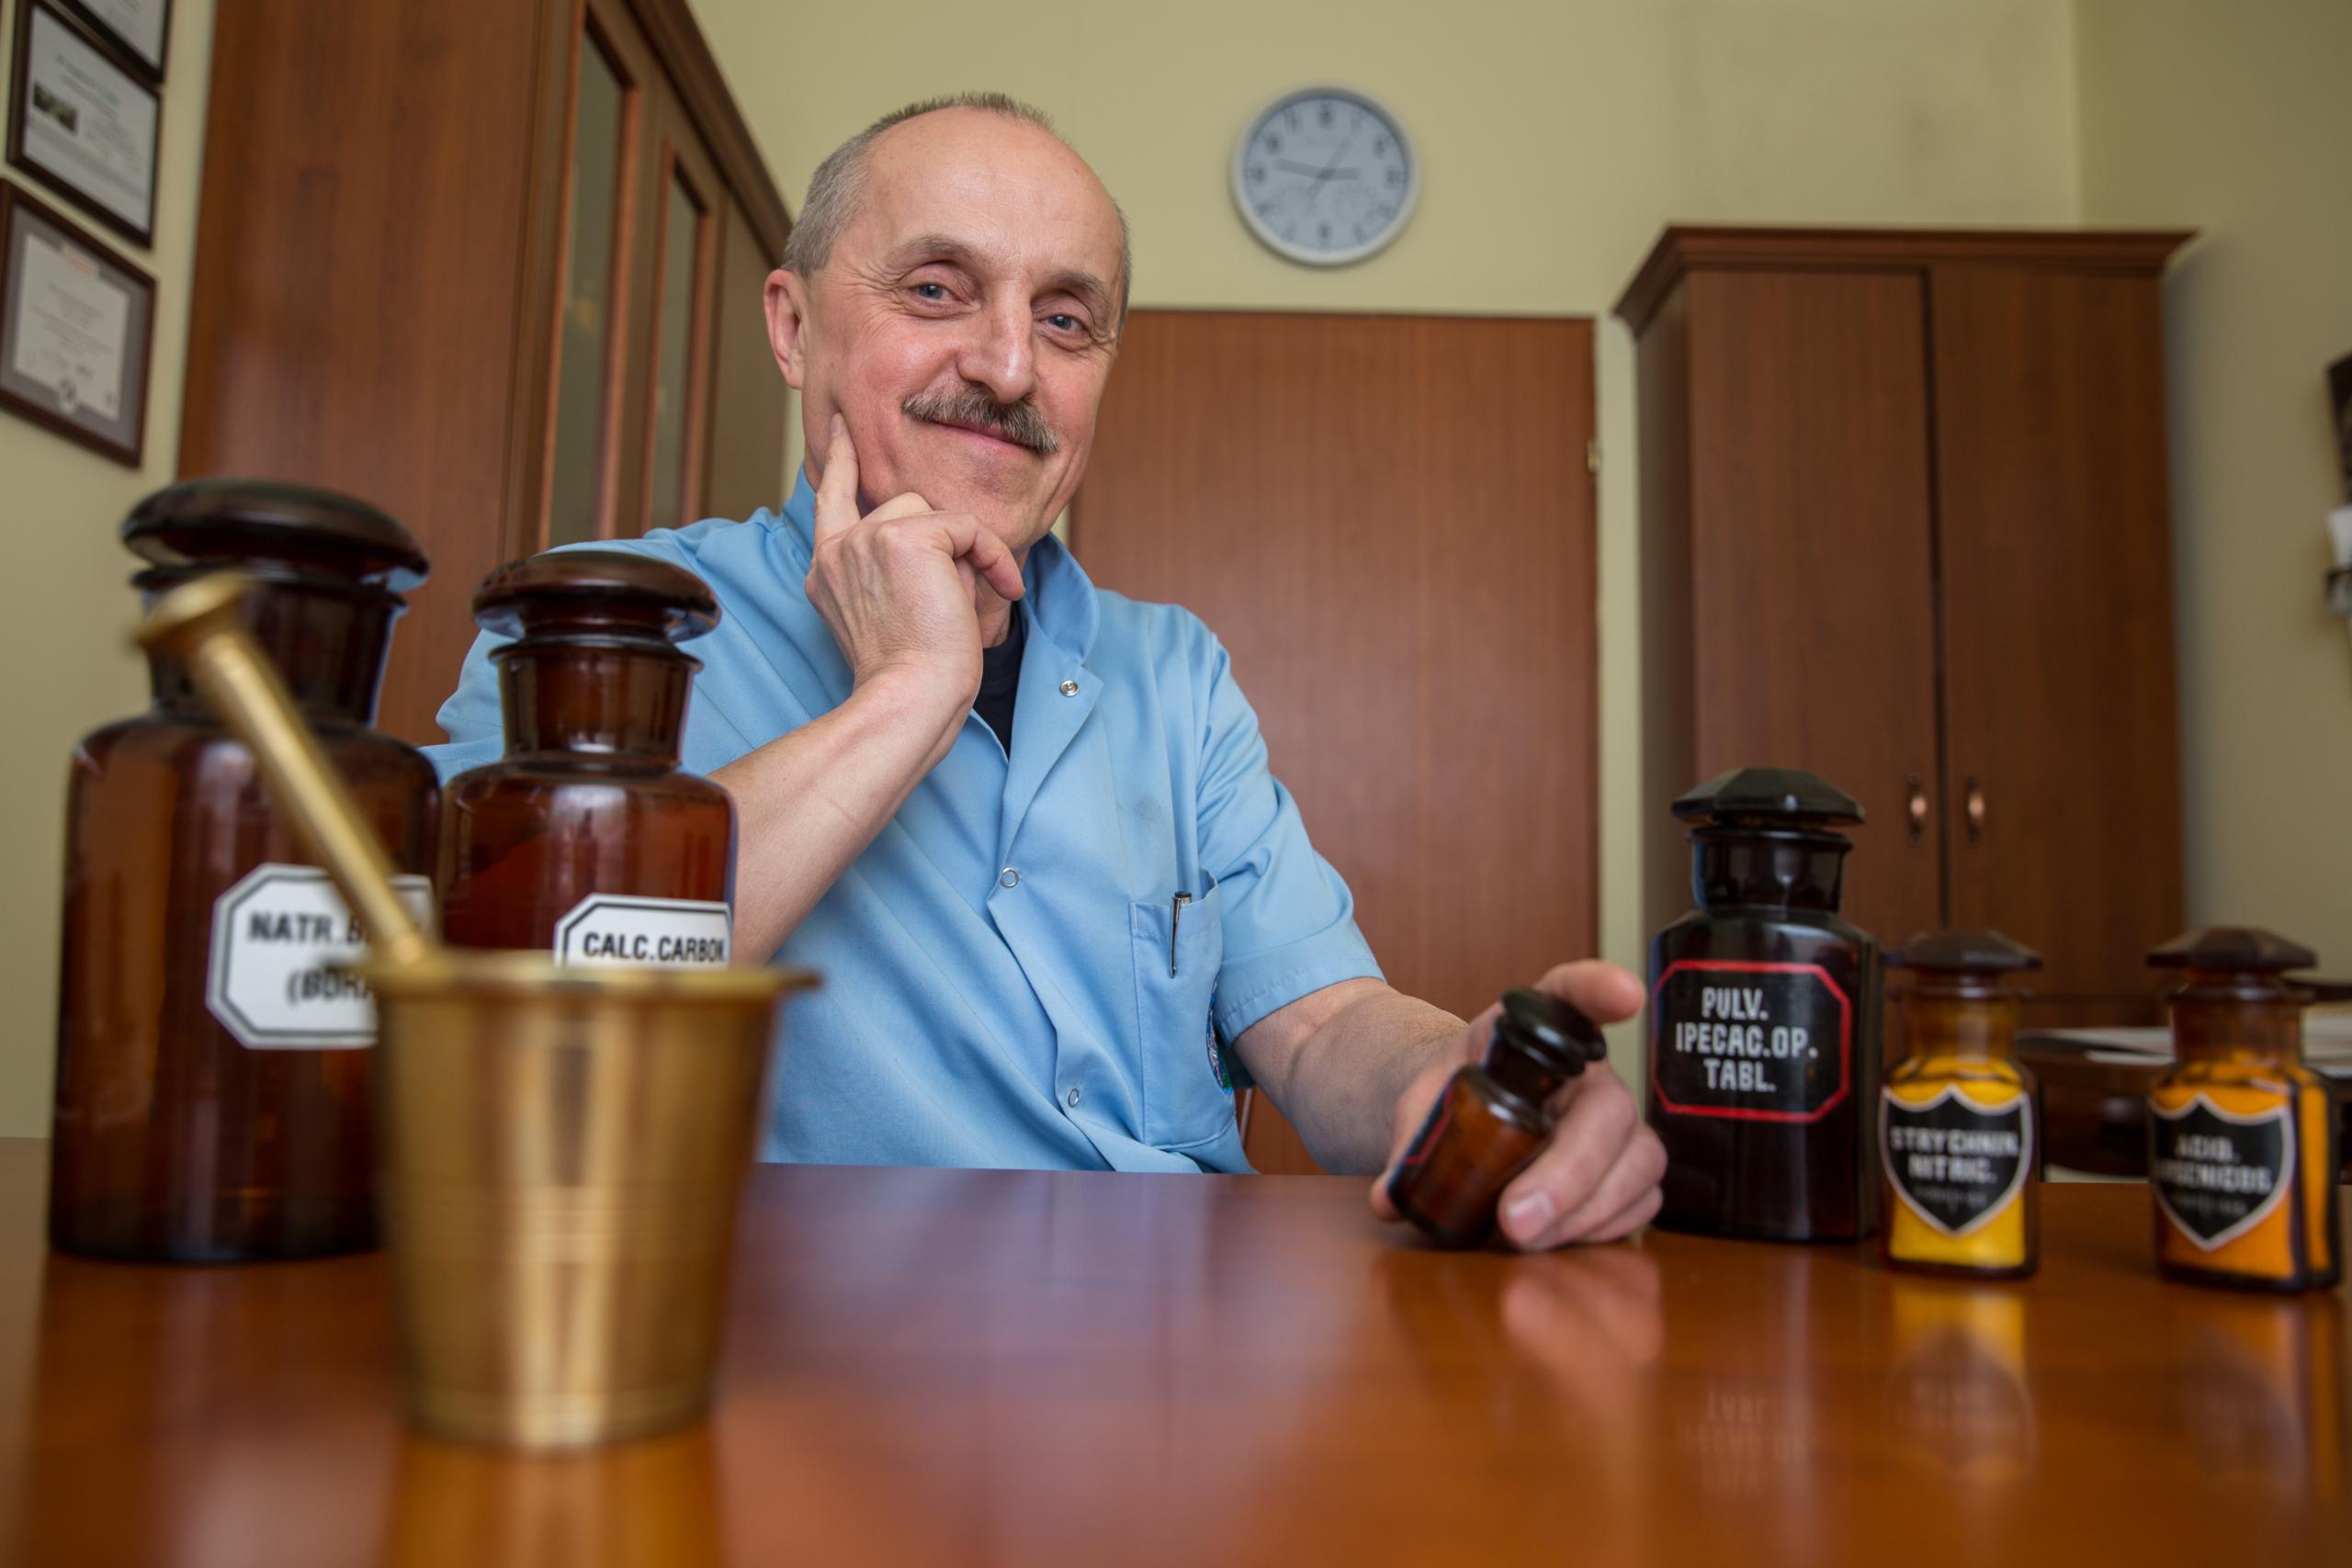 Mgr farm. Walenty Zajdel - Kierownik Apteki Szpitalnej SP ZOZ MSWiA w Krakowie (fot. WZ)